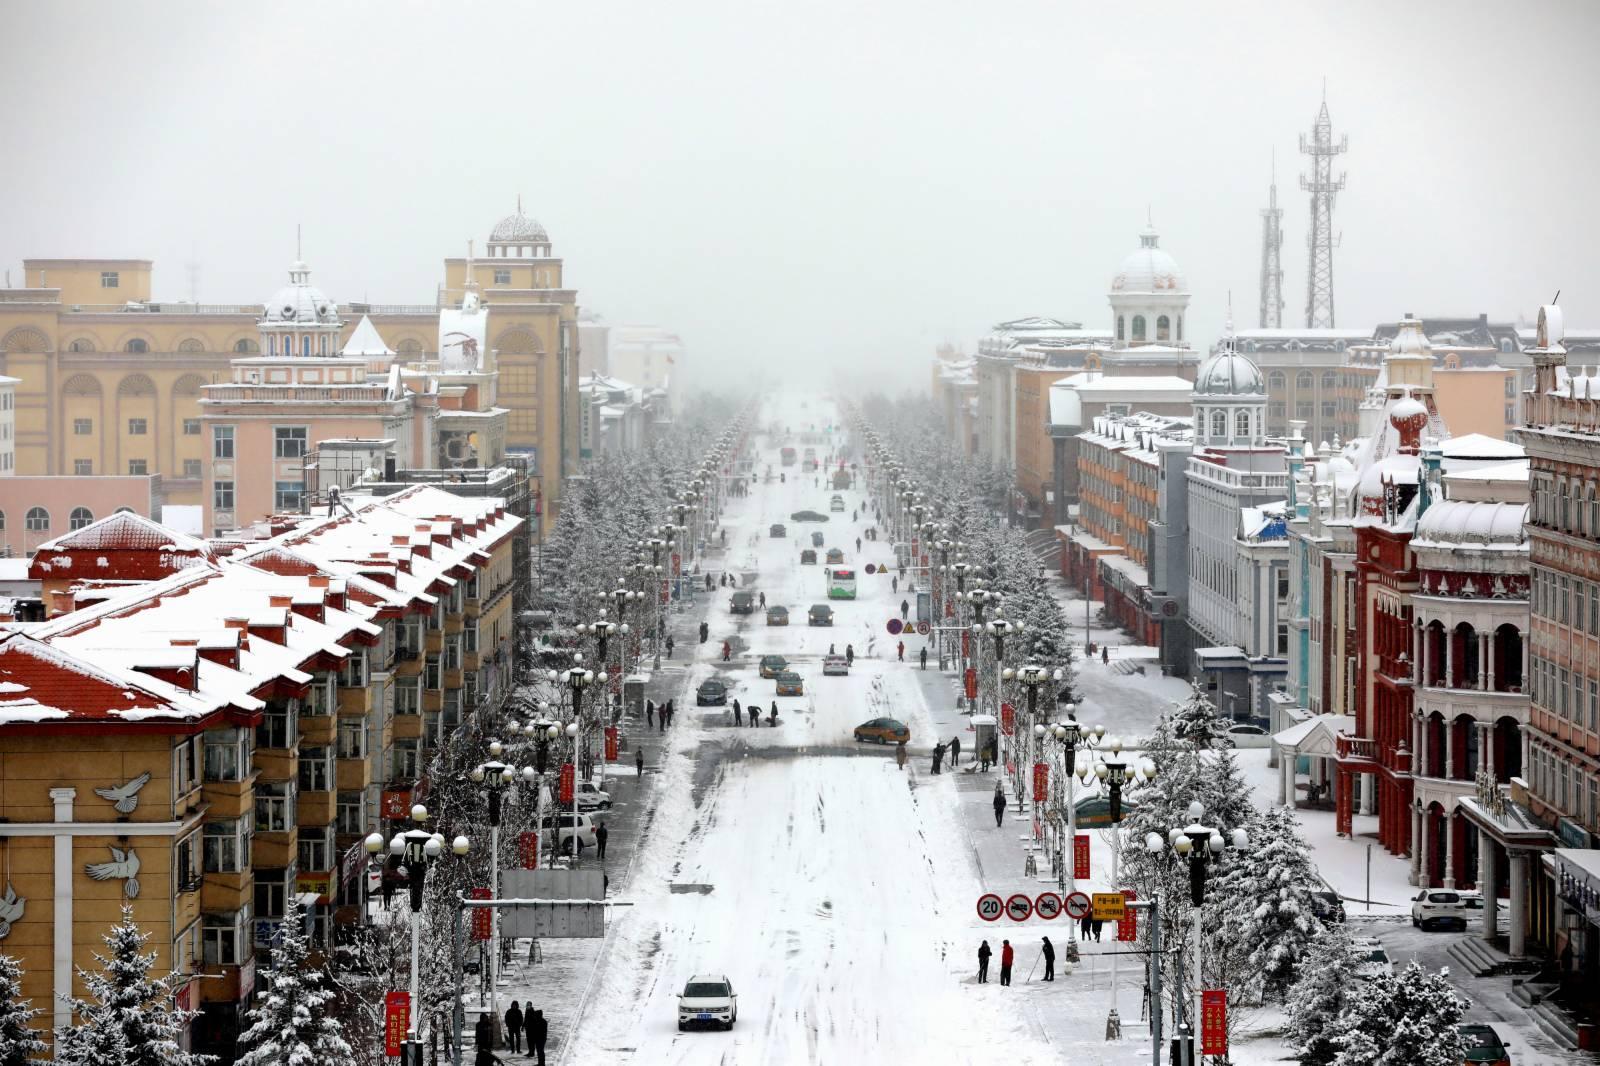 10月27日,黑龍江漠河小城籠罩在雪幕之中。受新一輪冷空氣影響,漠河迎來降雪天氣。這是當地今年入秋以來的最大一場降雪。(中新社)